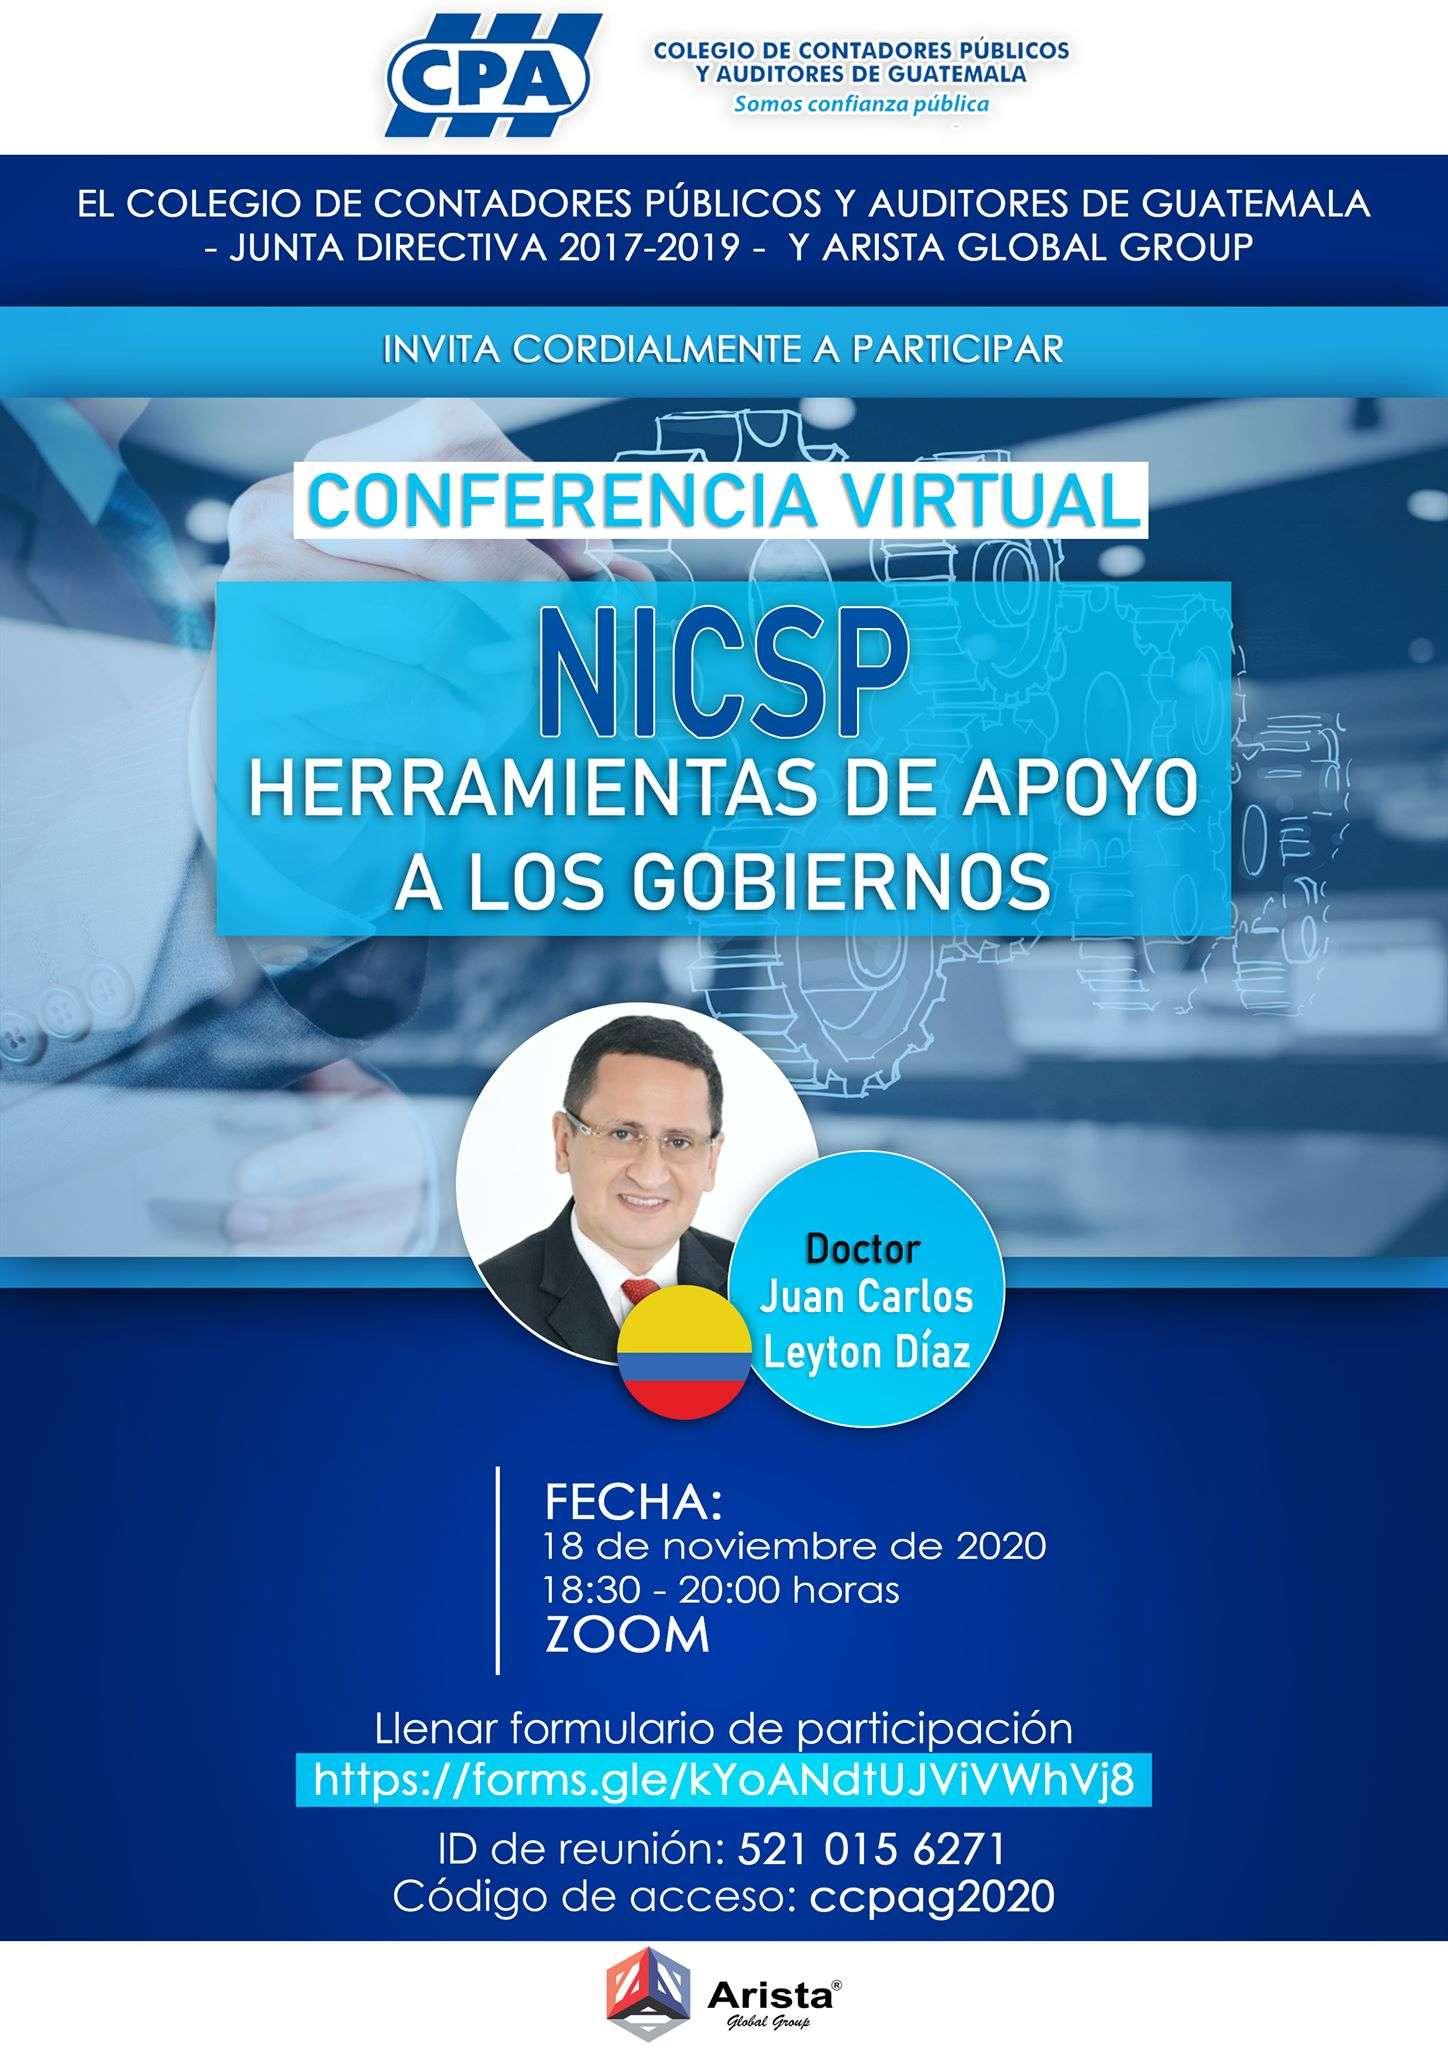 NICSP HERRAMIENTAS DE APOYO A LOS GOBIERNOS 18NOV20